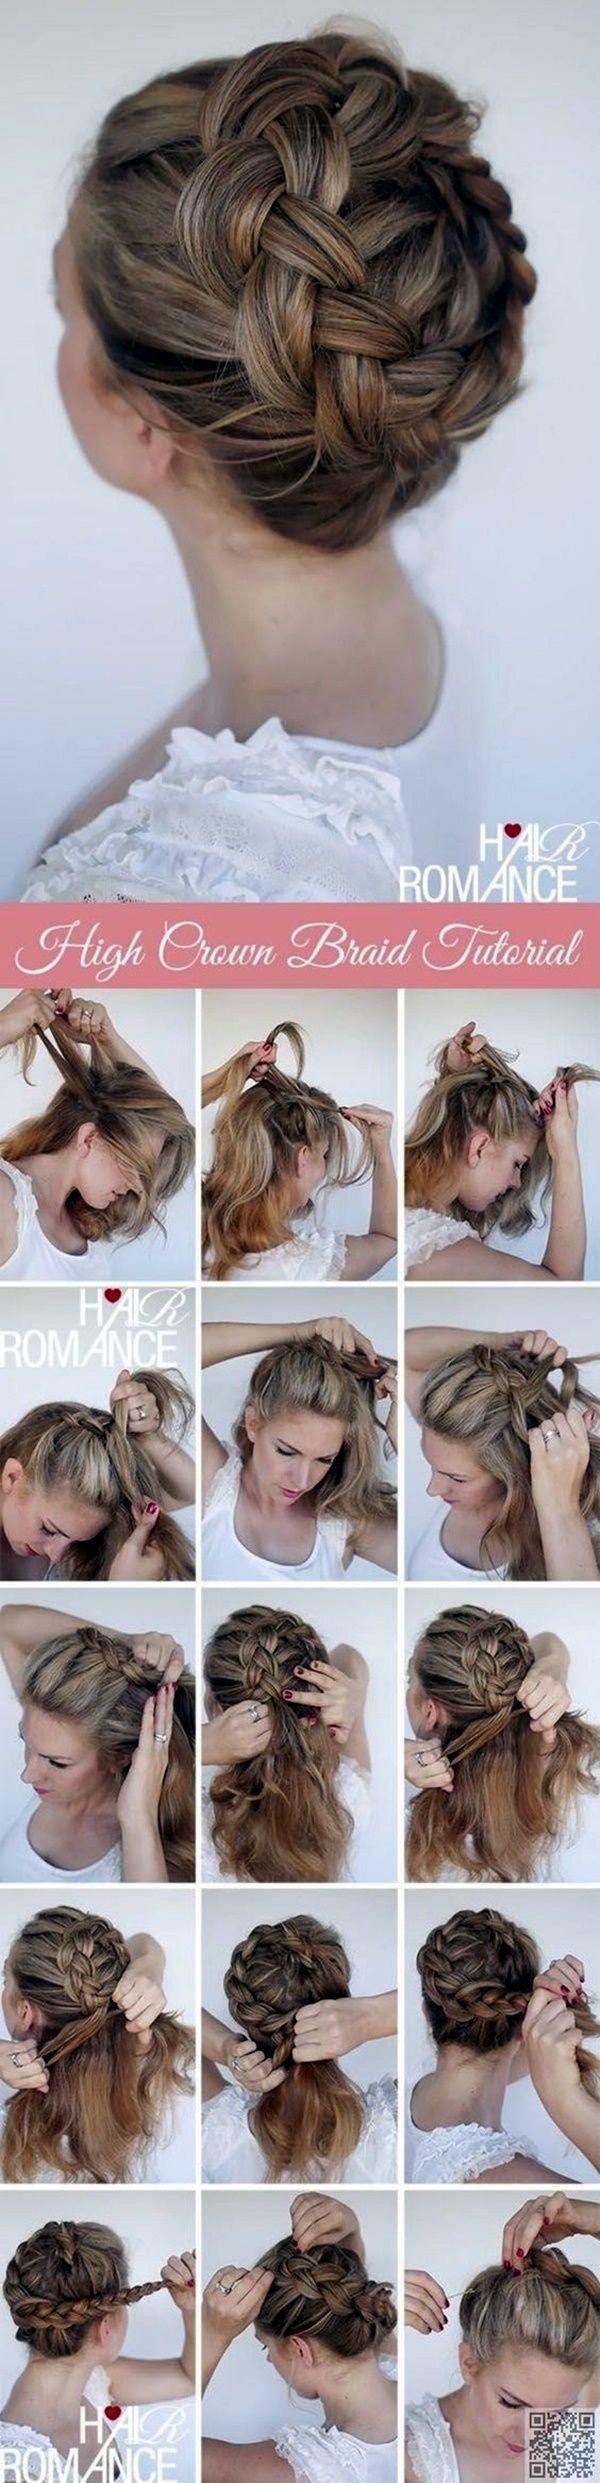 Quickhairstyletutorialsforofficewomen hair tutorials